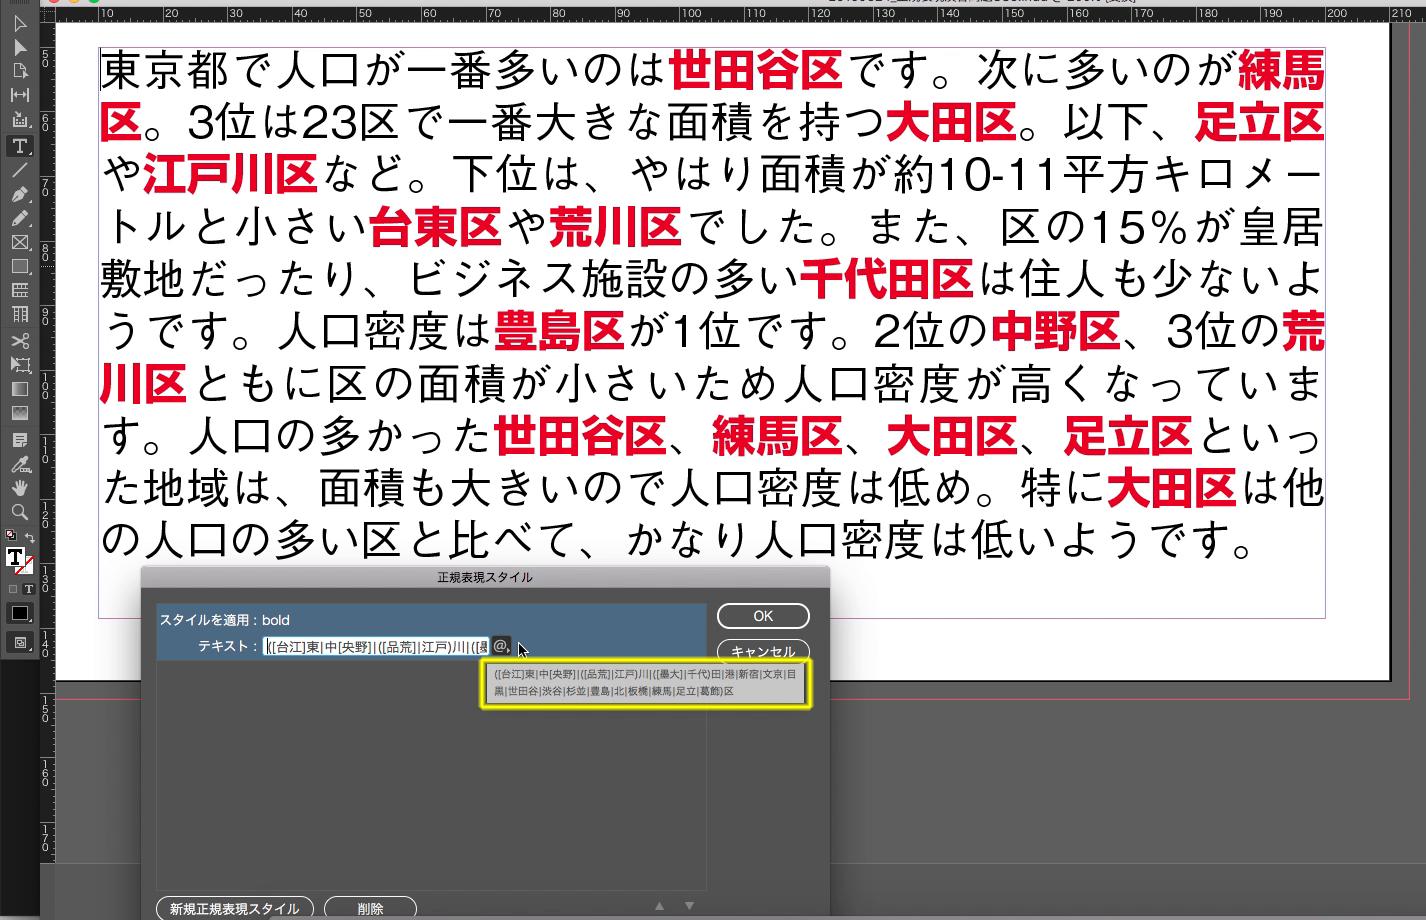 InDesign の正規表現スタイルに設定したところ